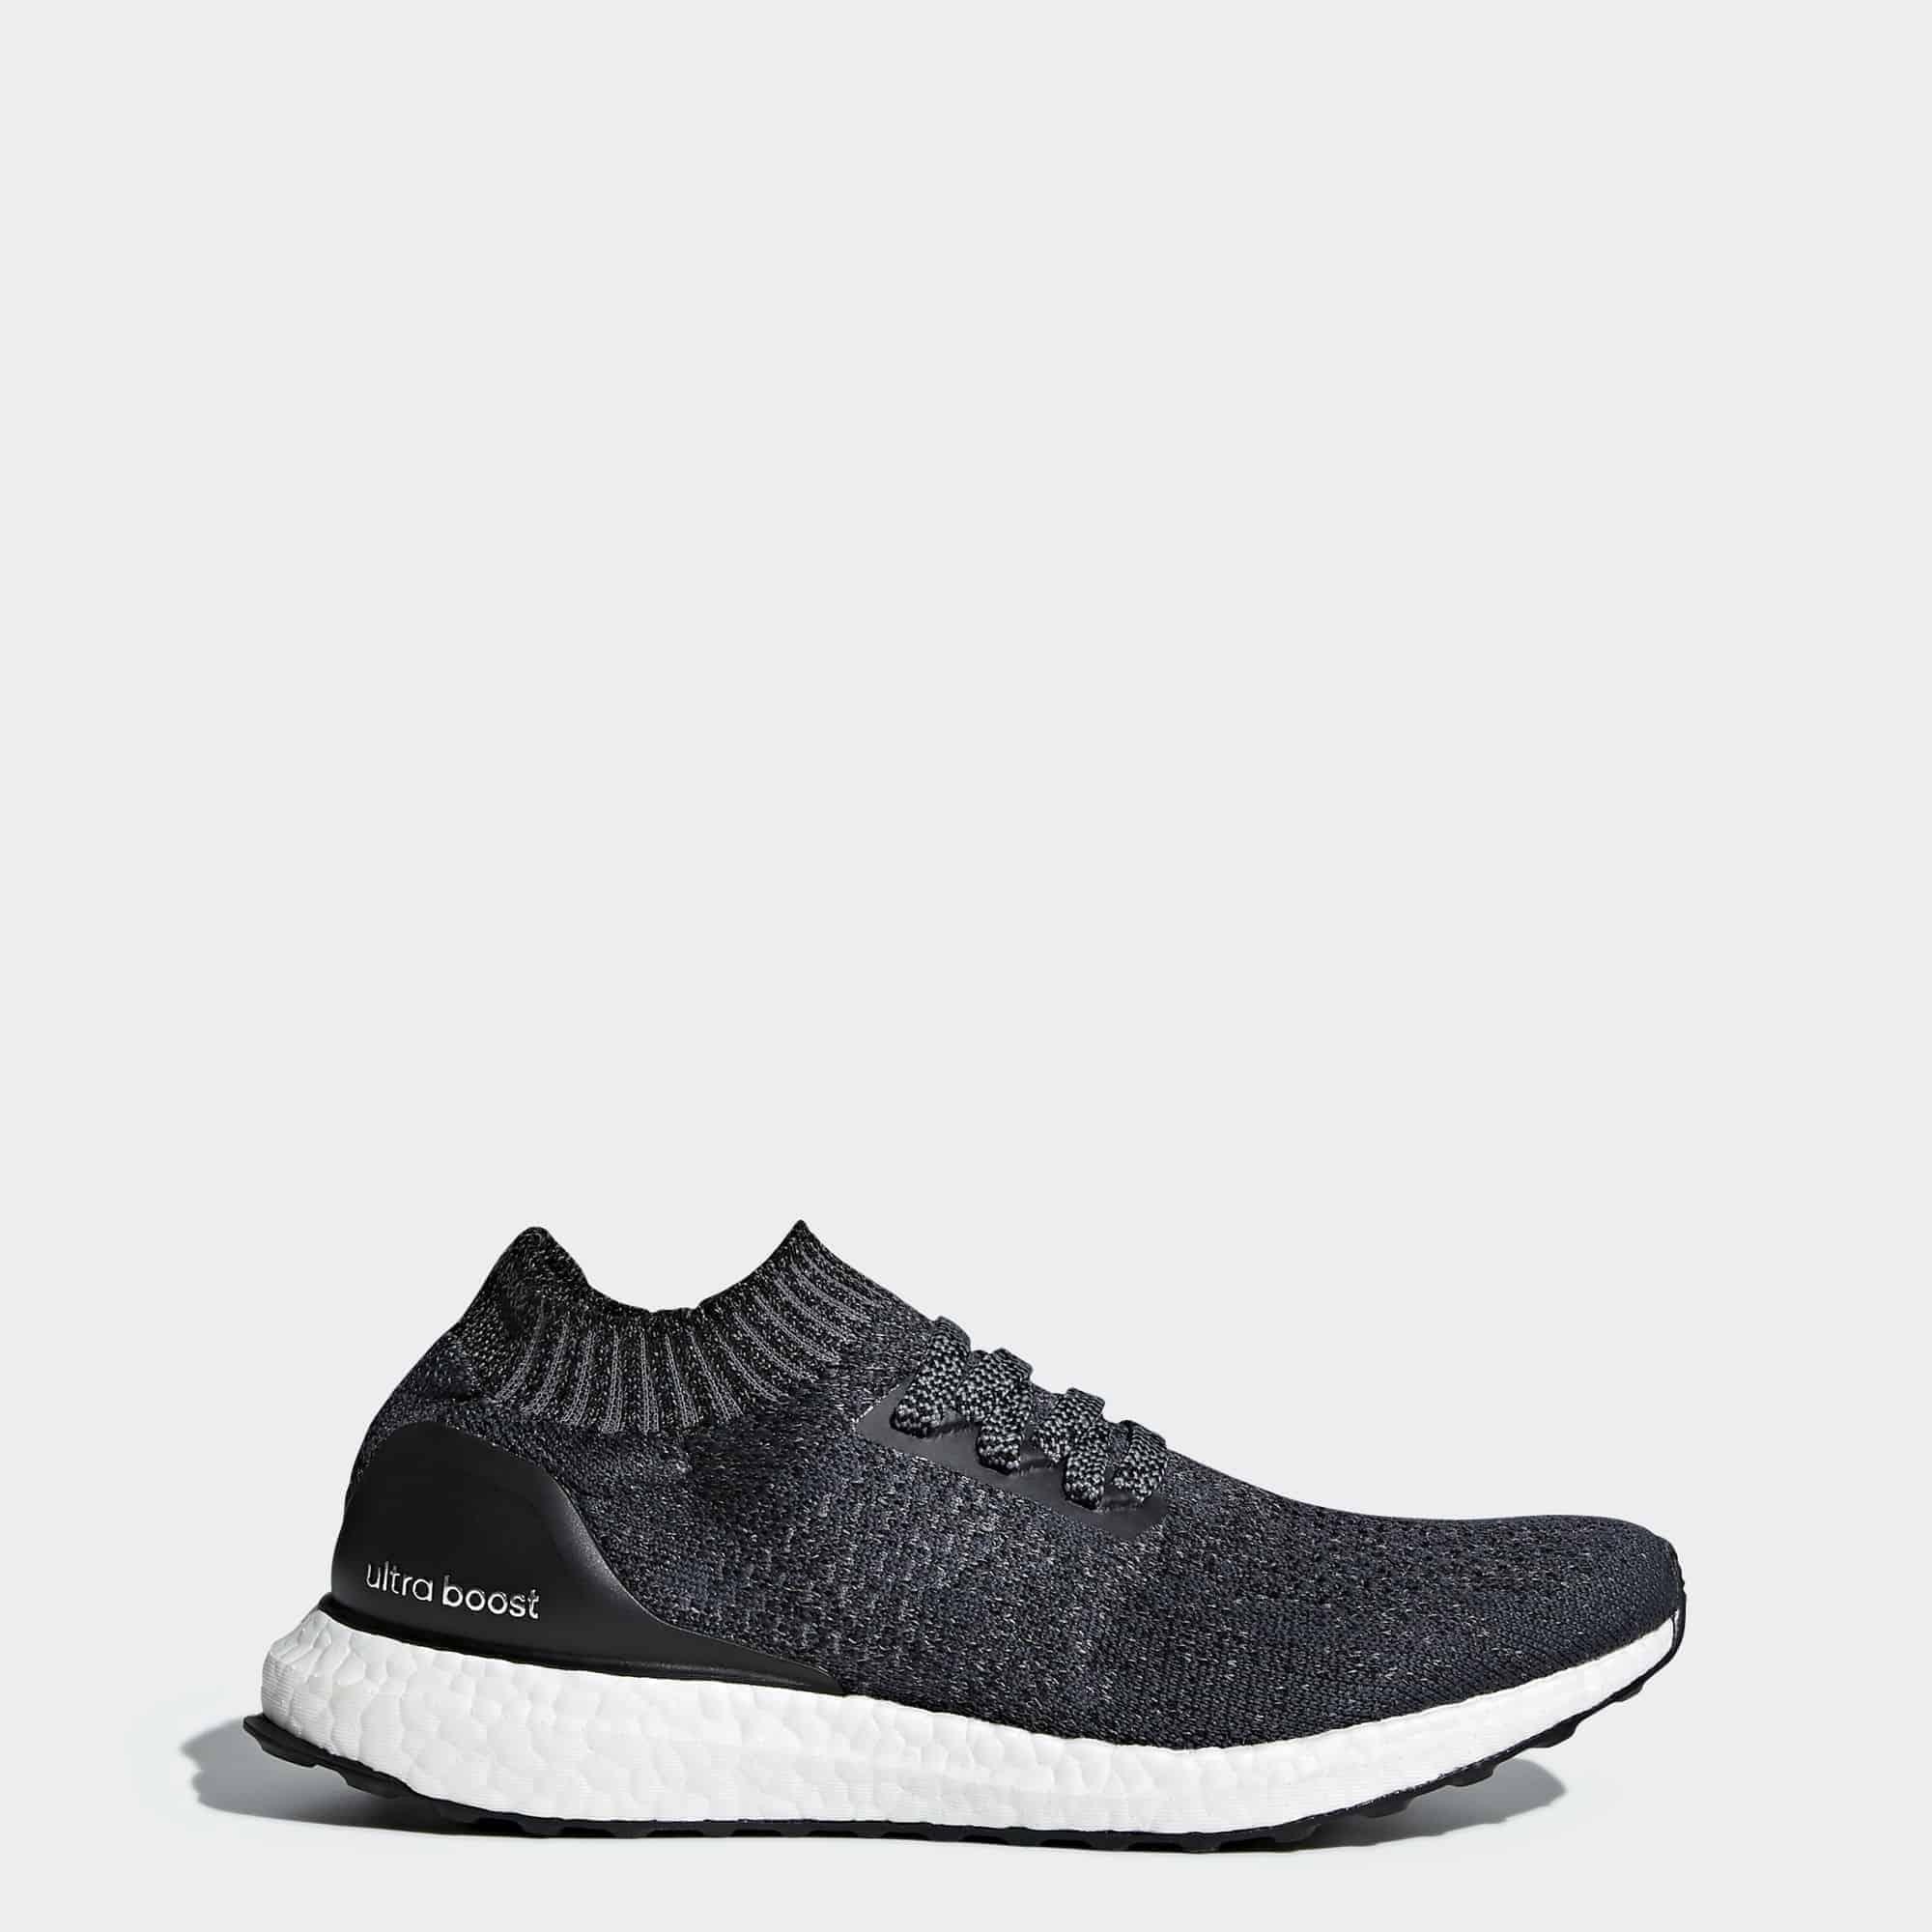 Кроссовки для бега Adidas Ultraboost Uncaged женские